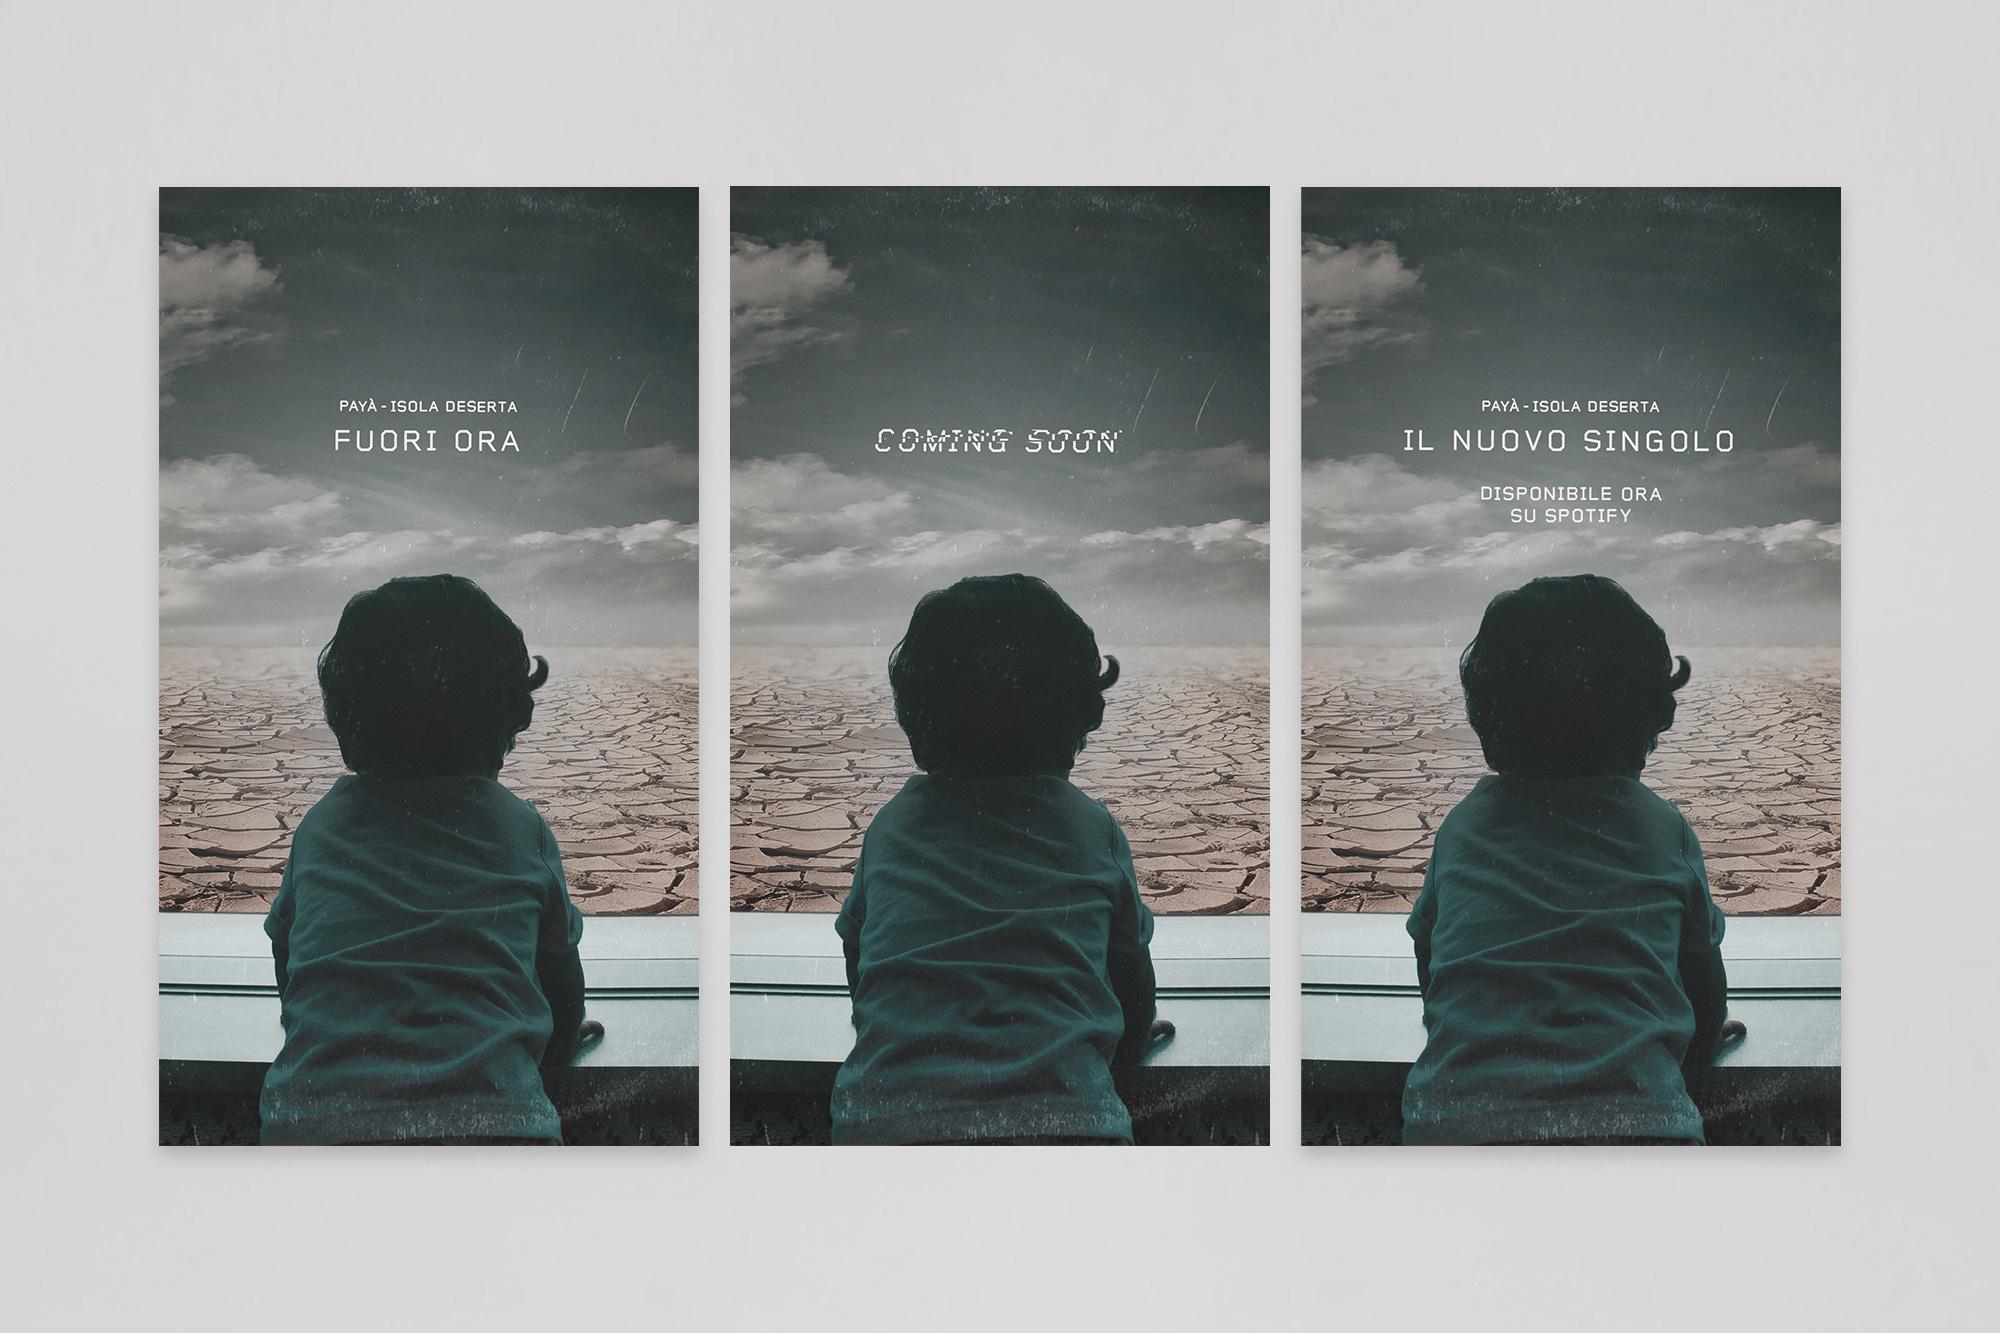 """Payà """"Isola Deserta"""" – Artwork Cover - img 3"""